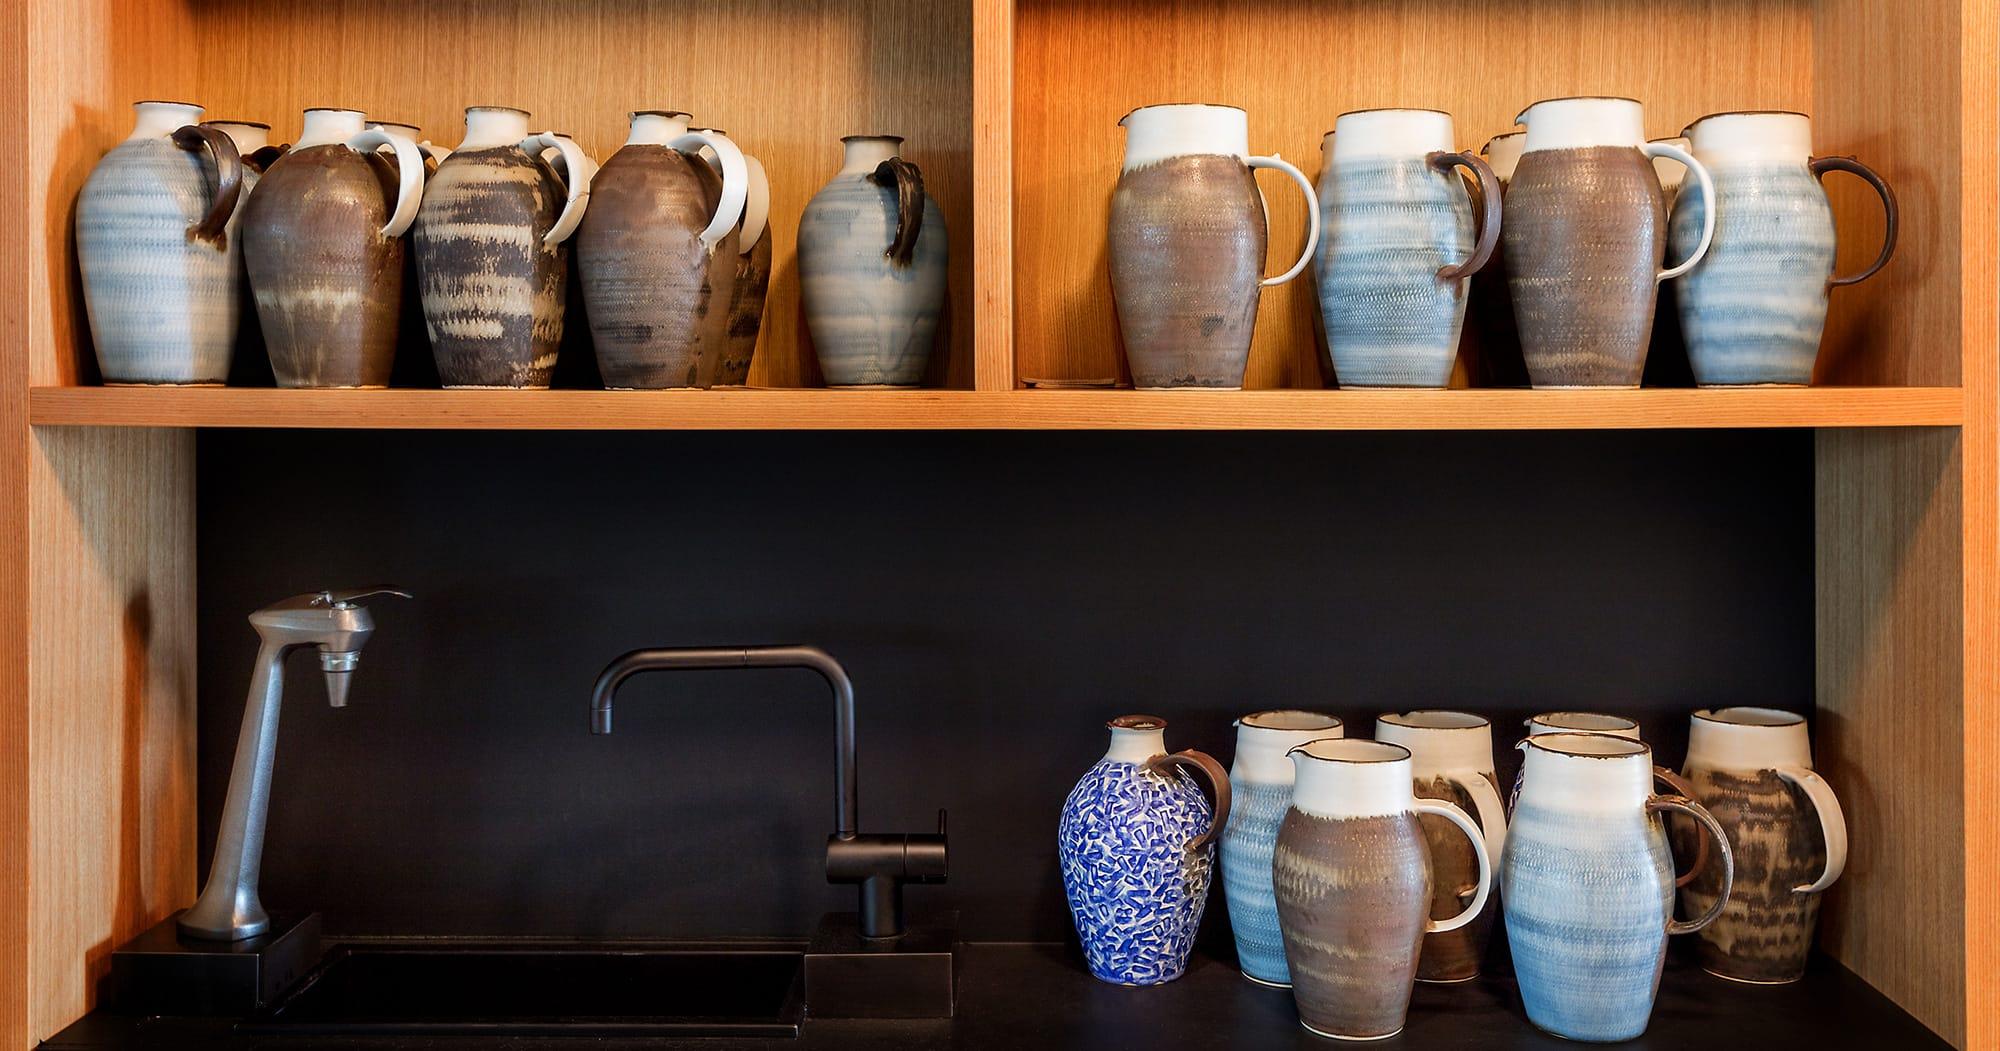 INUAはテーブルウエア、器、カトトラリーのセレクトも独自だ。インスタグラムなどで見つけた作家から、その人がフォローしている作家などに次々広げていくという現代的な方法で、料理と空間にふさわしい物がそろった。写真のジャグをはじめ、カップや皿の多くは埼玉県入間市で作陶する田中信彦の作品。